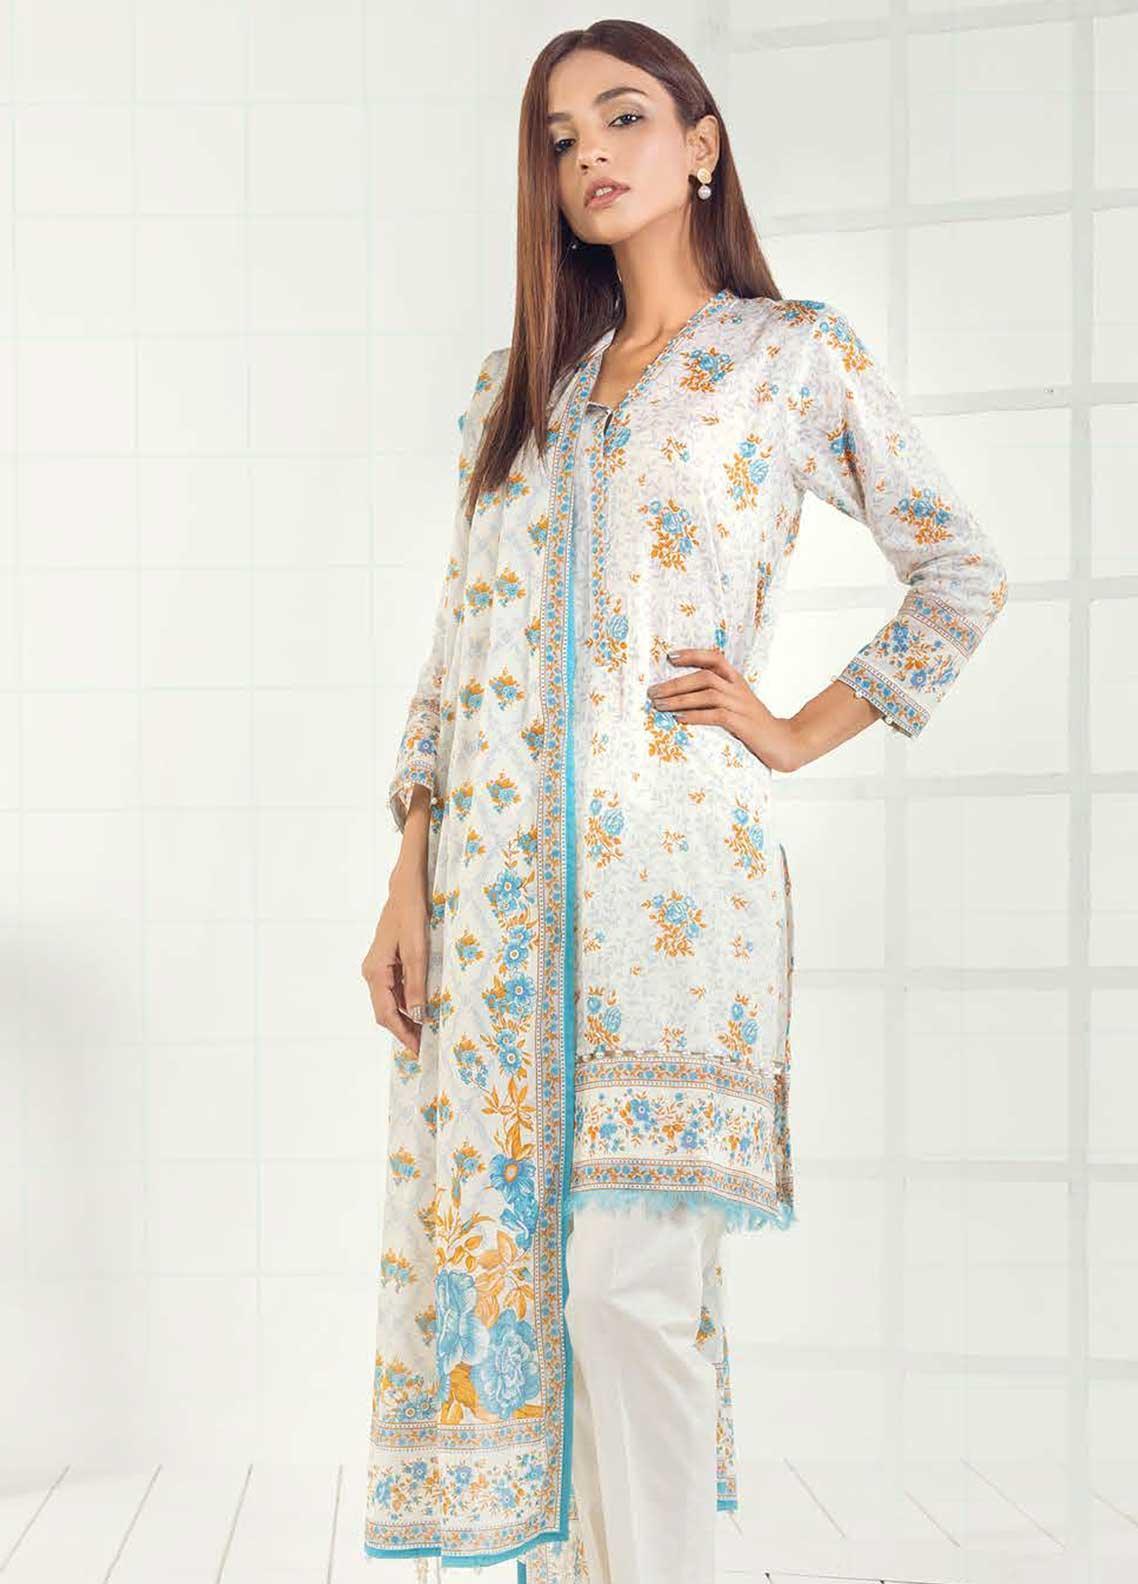 Orient Textile Printed Lawn Unstitched 3 Piece Suit OT19-L3 169A - Mid Summer Collection